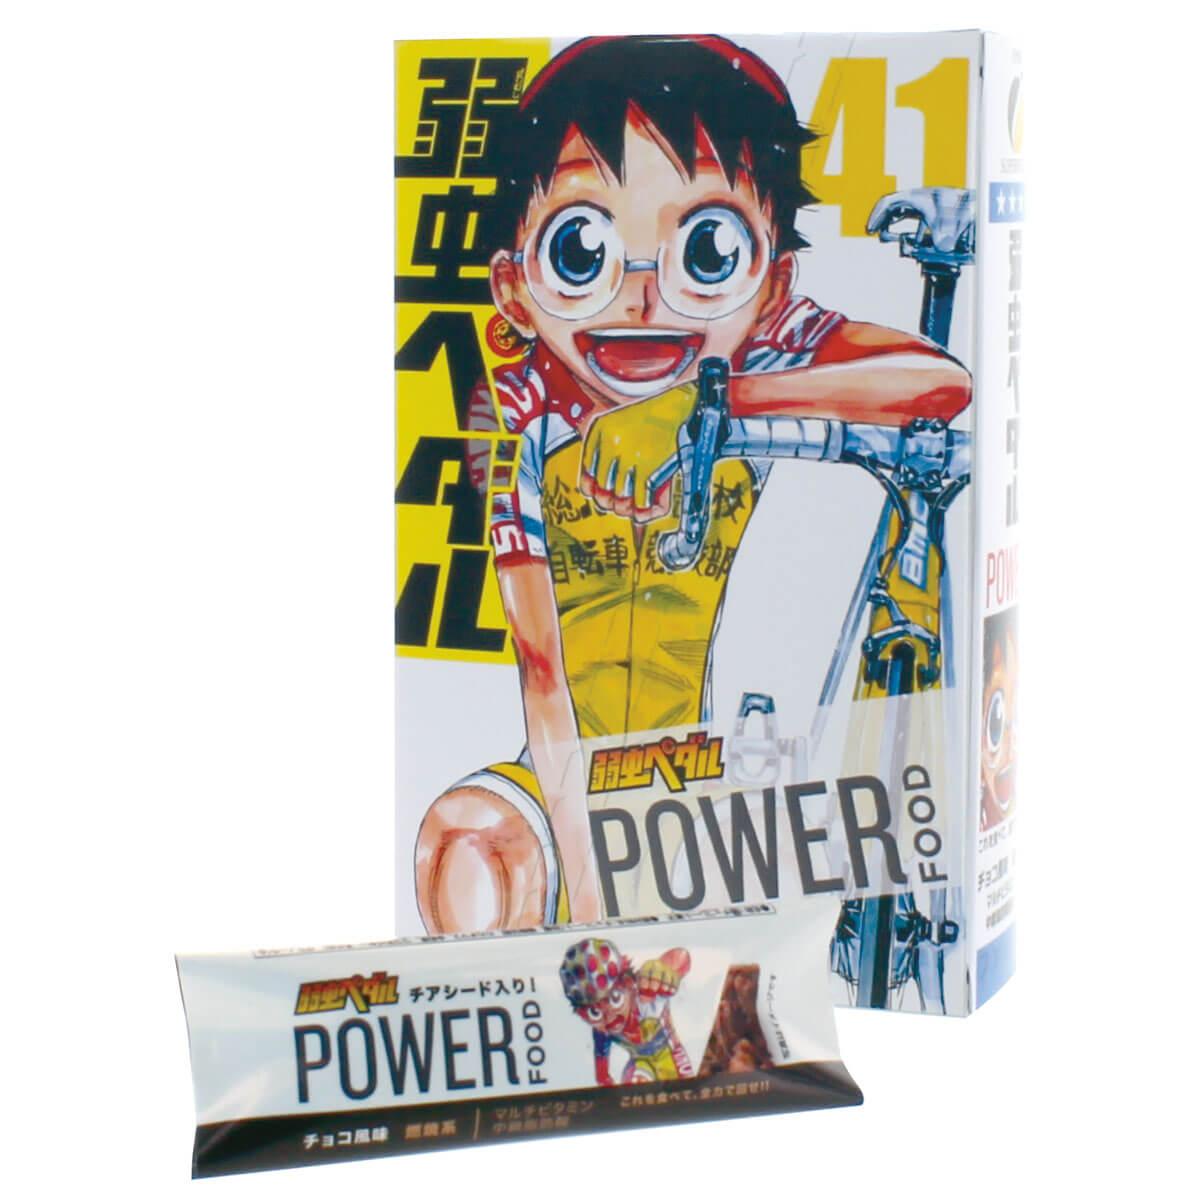 アキバ大好きのオタク少年・クライマー小野田坂道(燃焼系 チョコ風味)